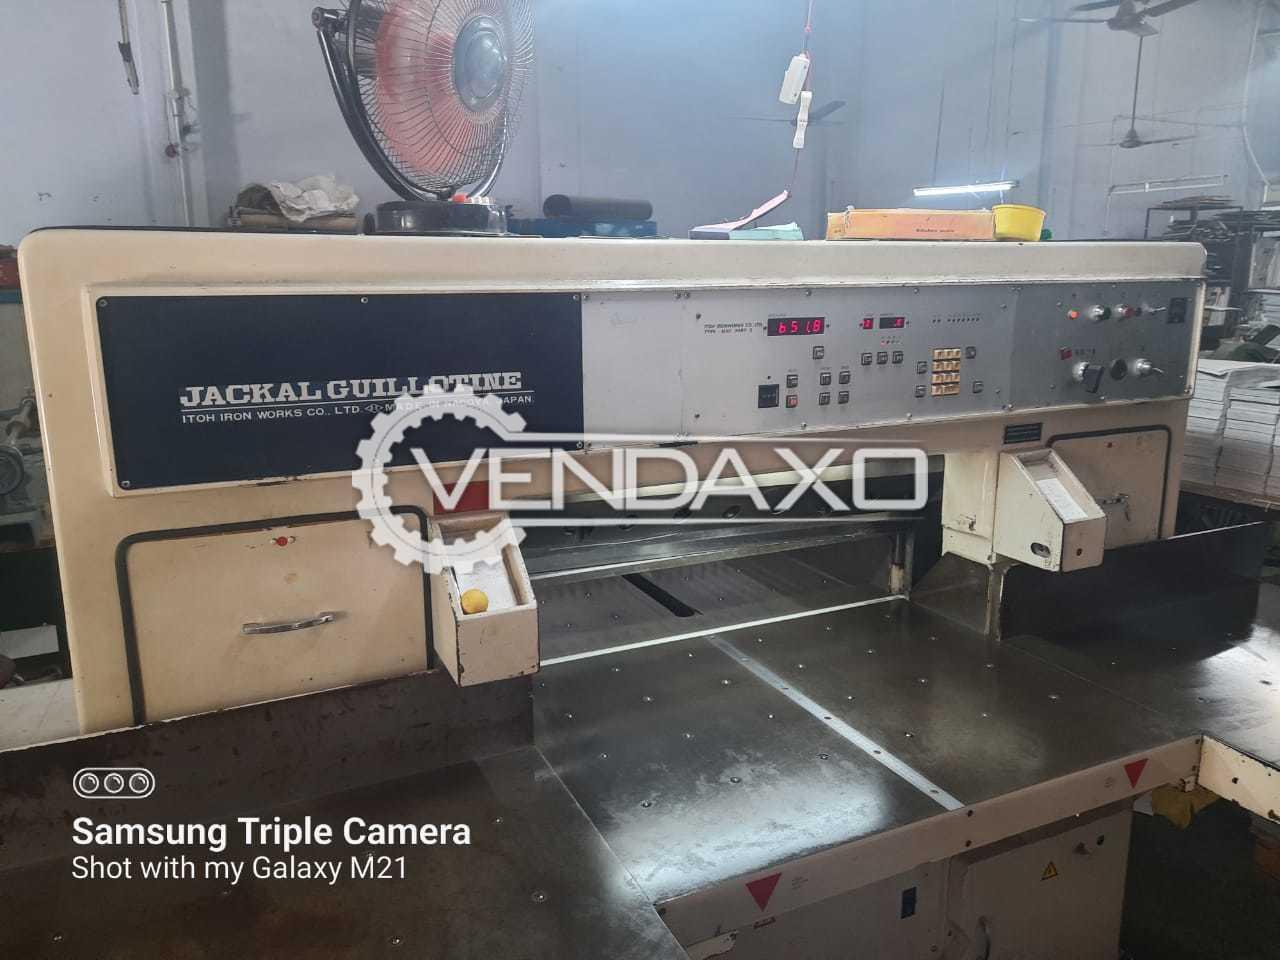 ITOH Jackal Paper Cutting Machine - 34 Inch